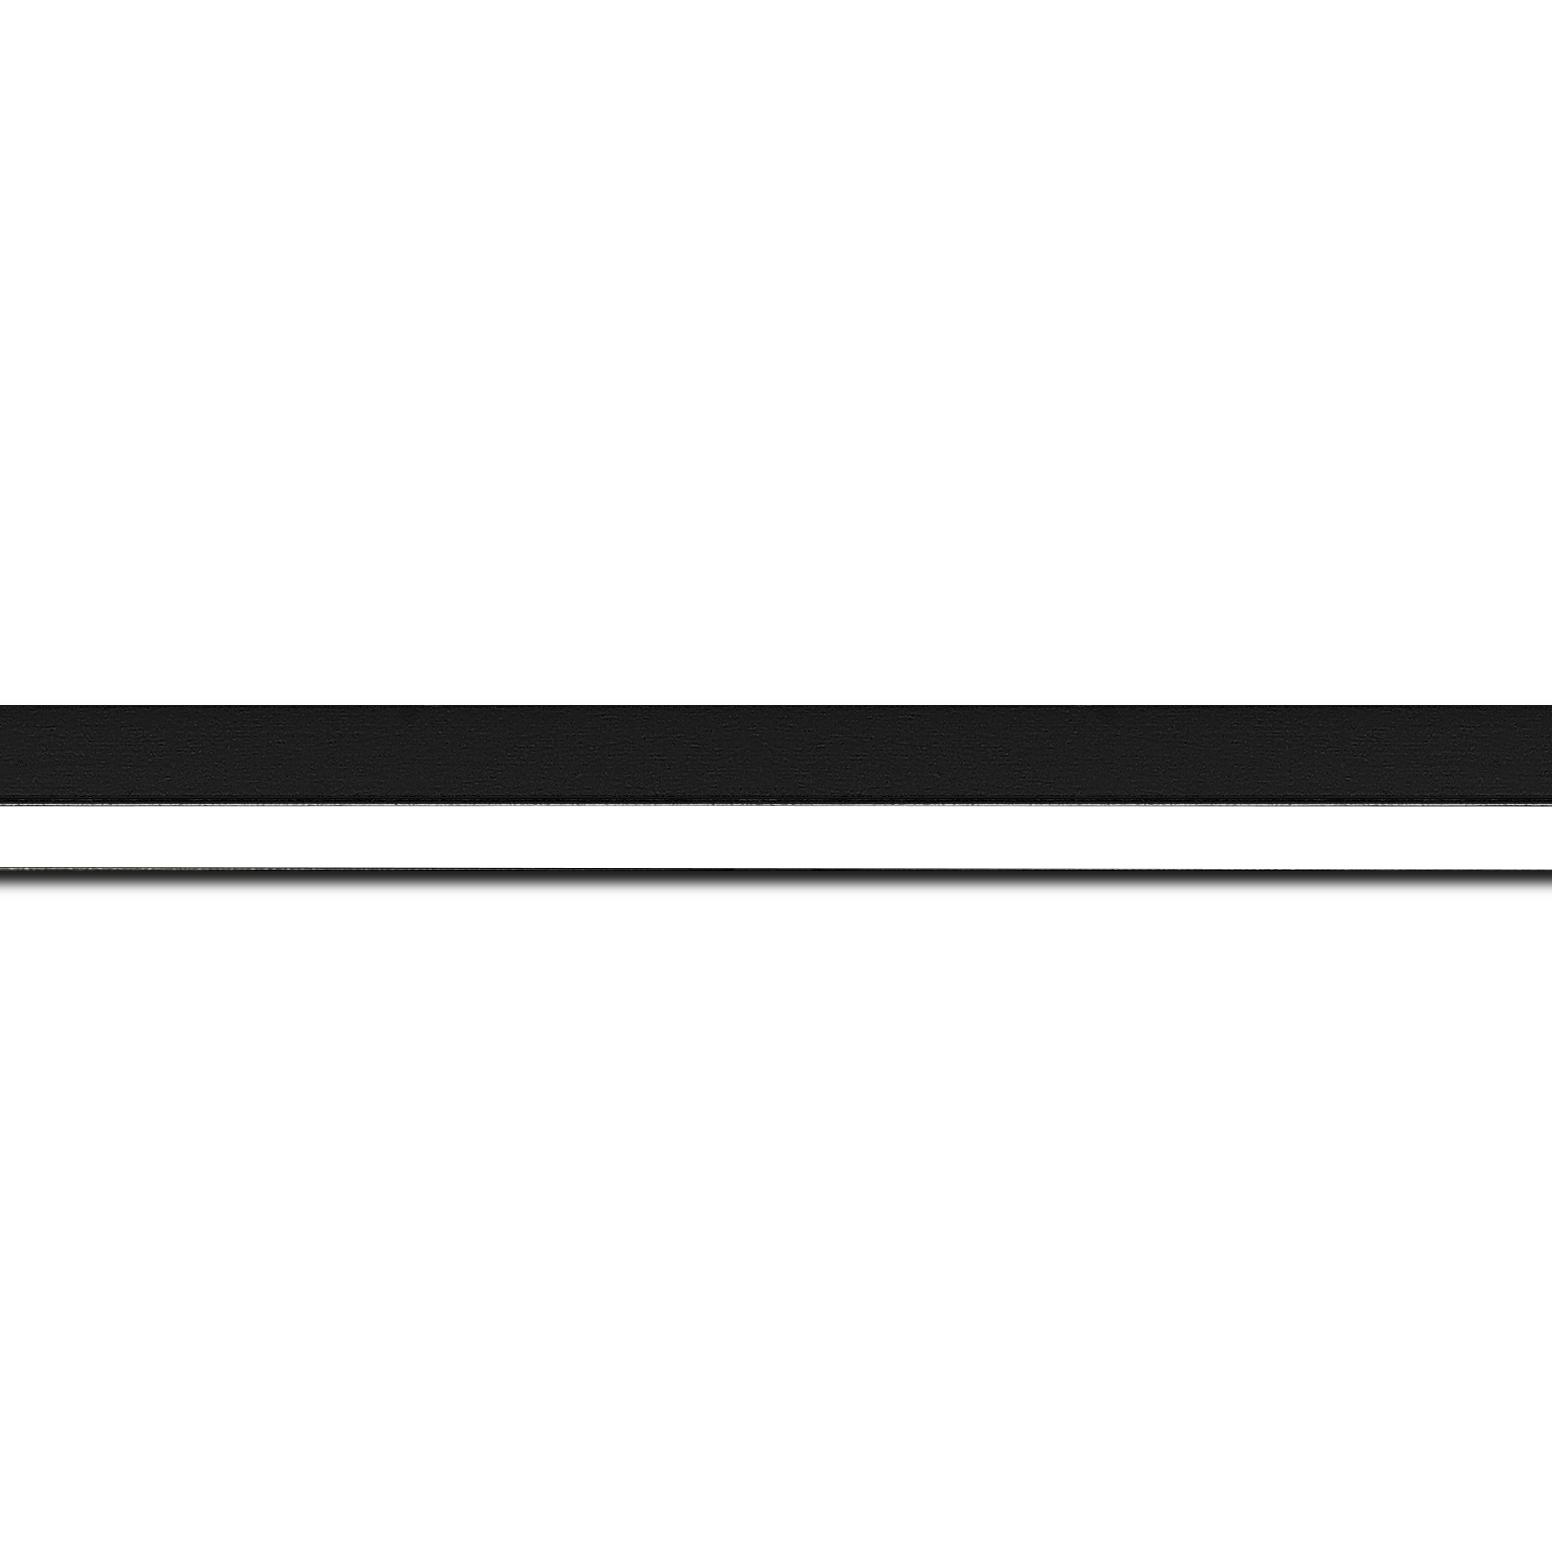 Pack par 12m, bois profil plat largeur 1.6cm couleur noir mat finition pore bouché filet blanc en retrait de la face du cadre de 6mm assurant un effet très original (longueur baguette pouvant varier entre 2.40m et 3m selon arrivage des bois)